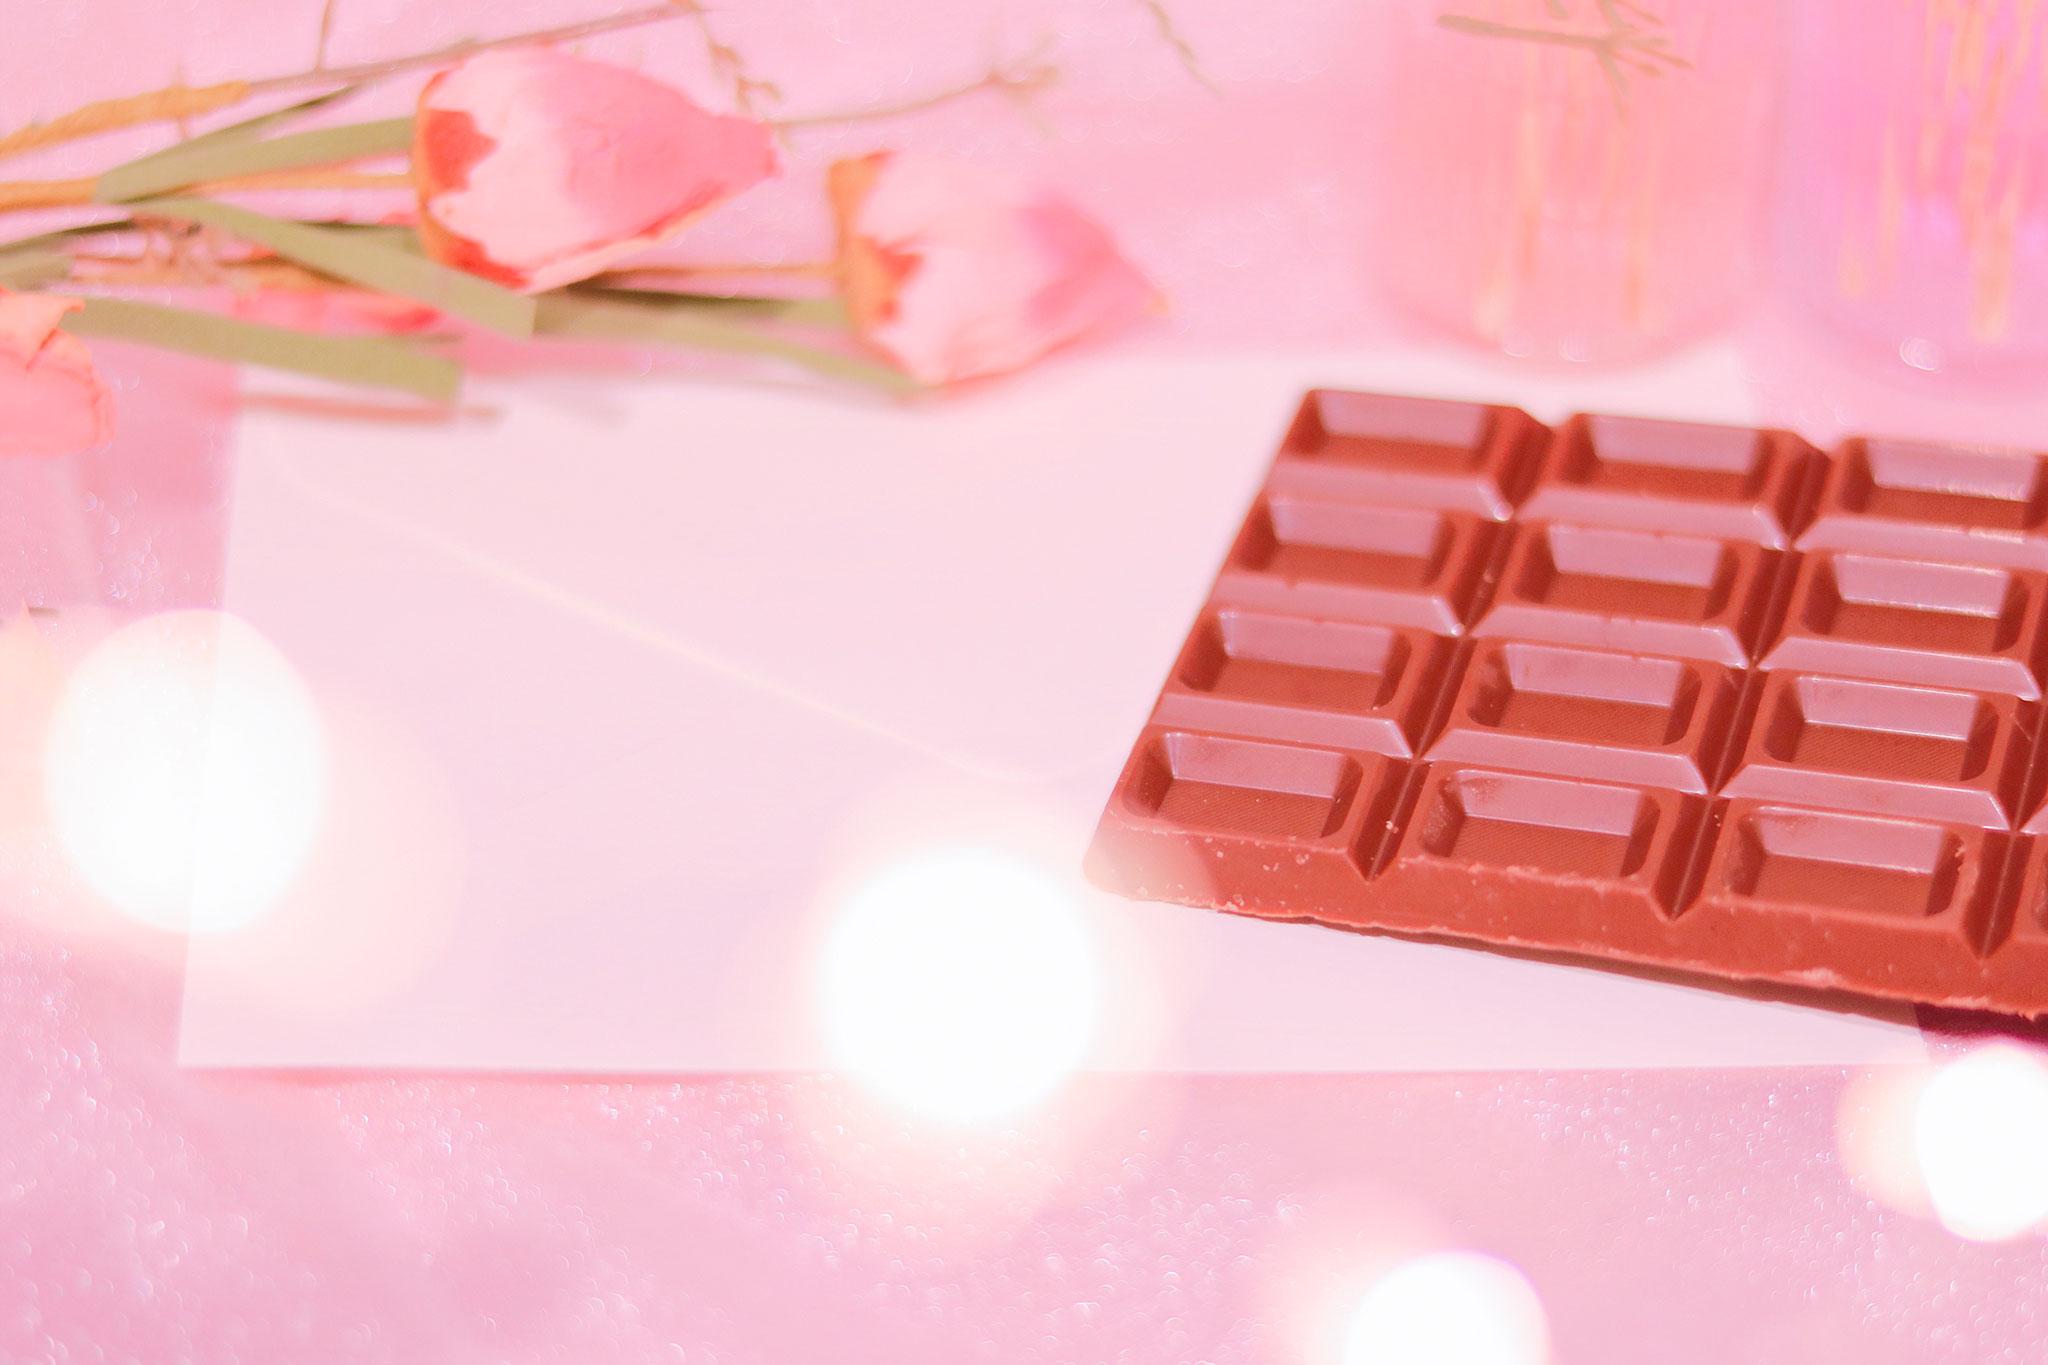 2019年のバレンタインはいつ?おススメチョコレート10選